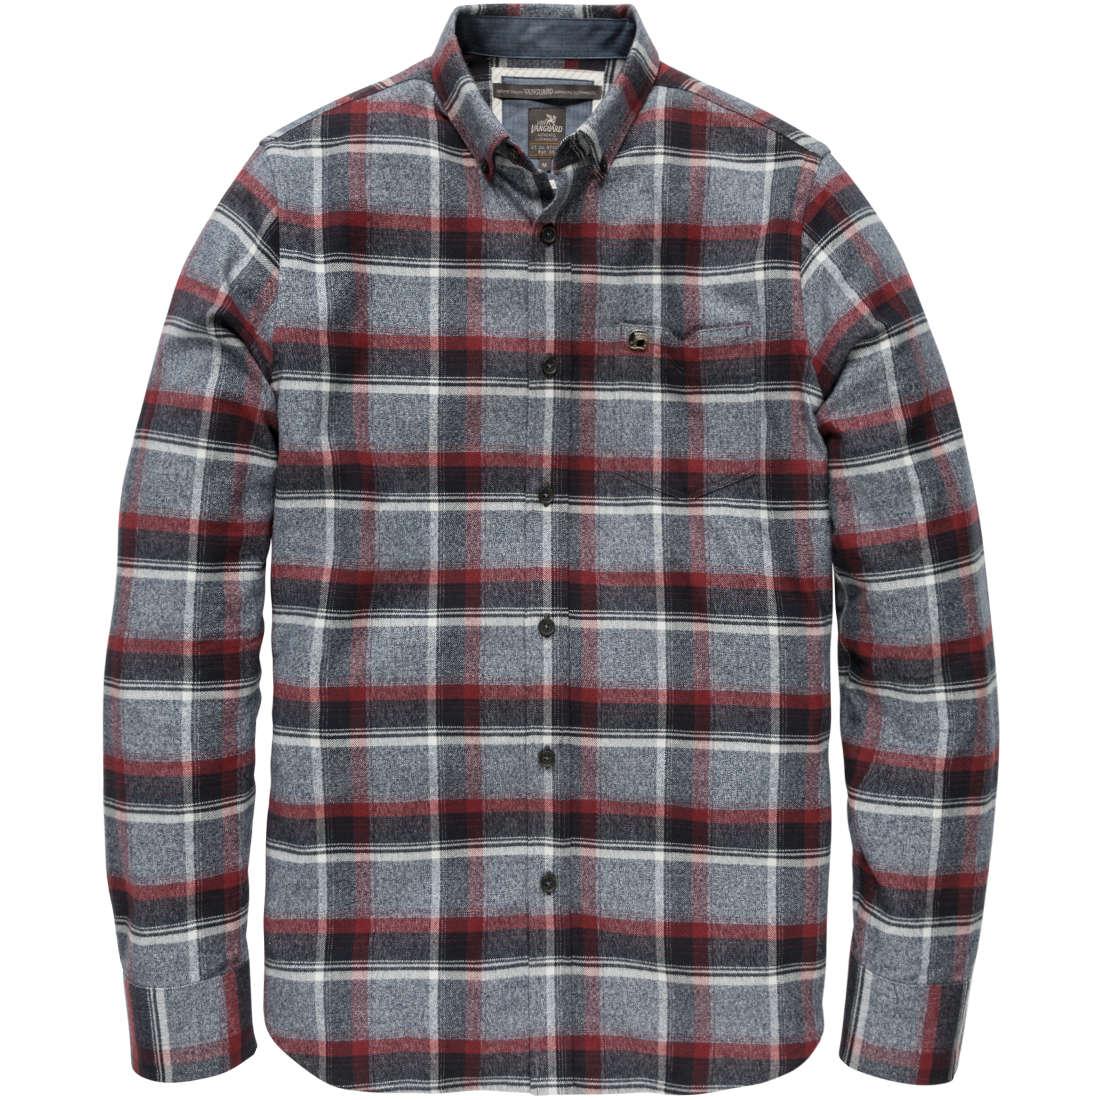 Vanguard overhemd vsi186492 in het Donker Rood